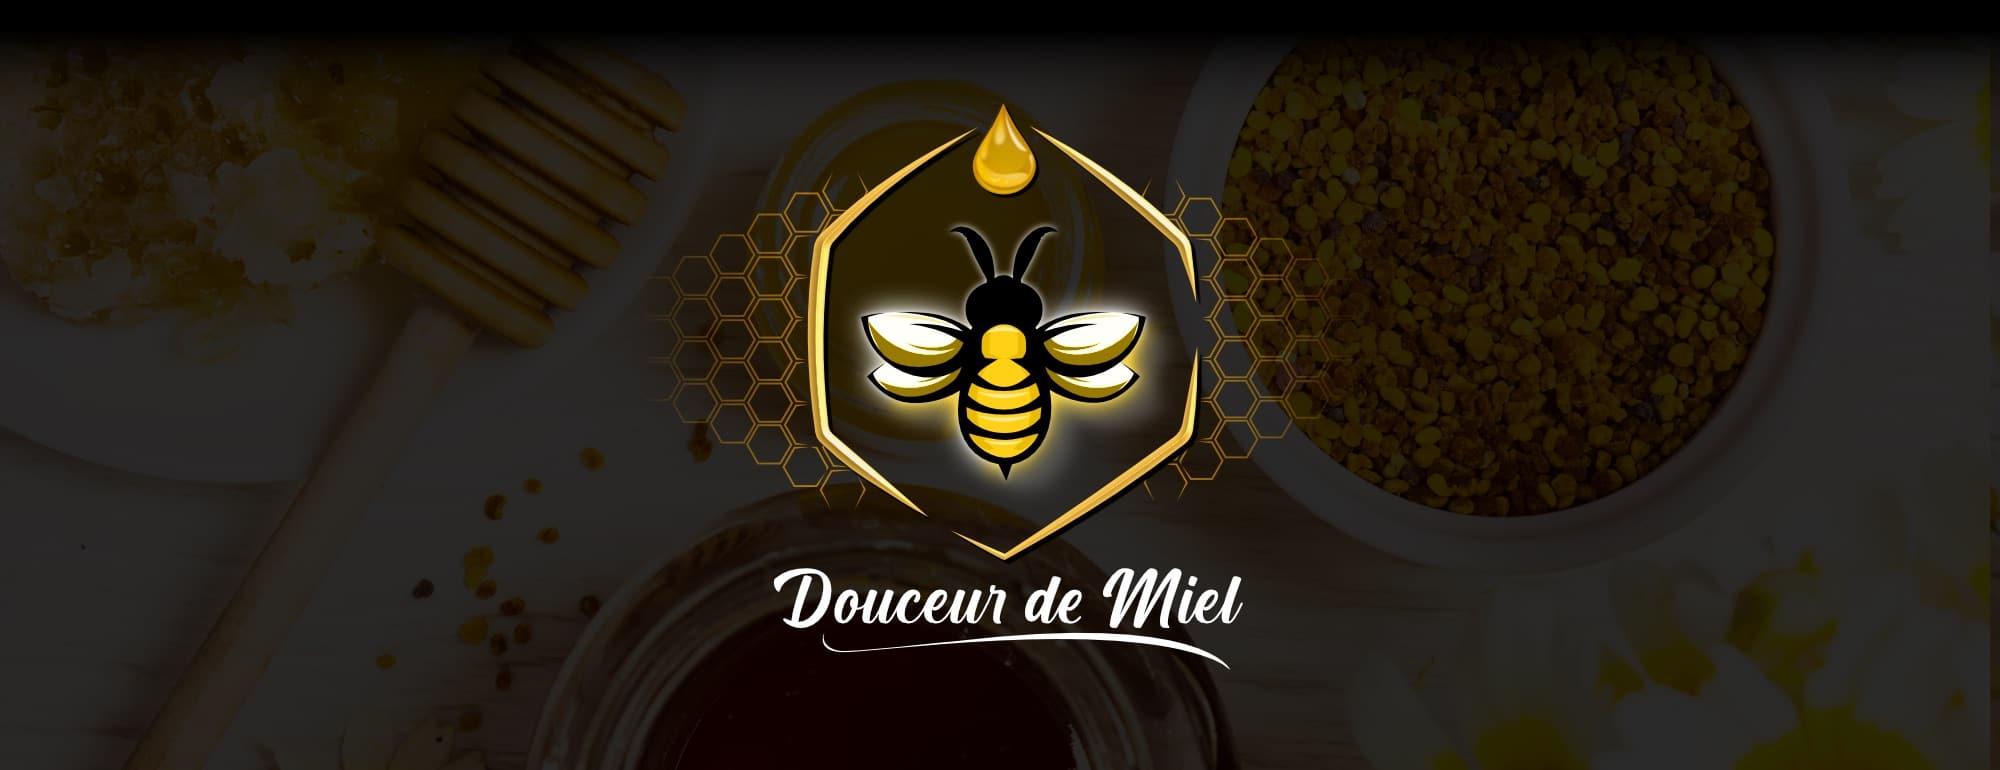 douceur de miel